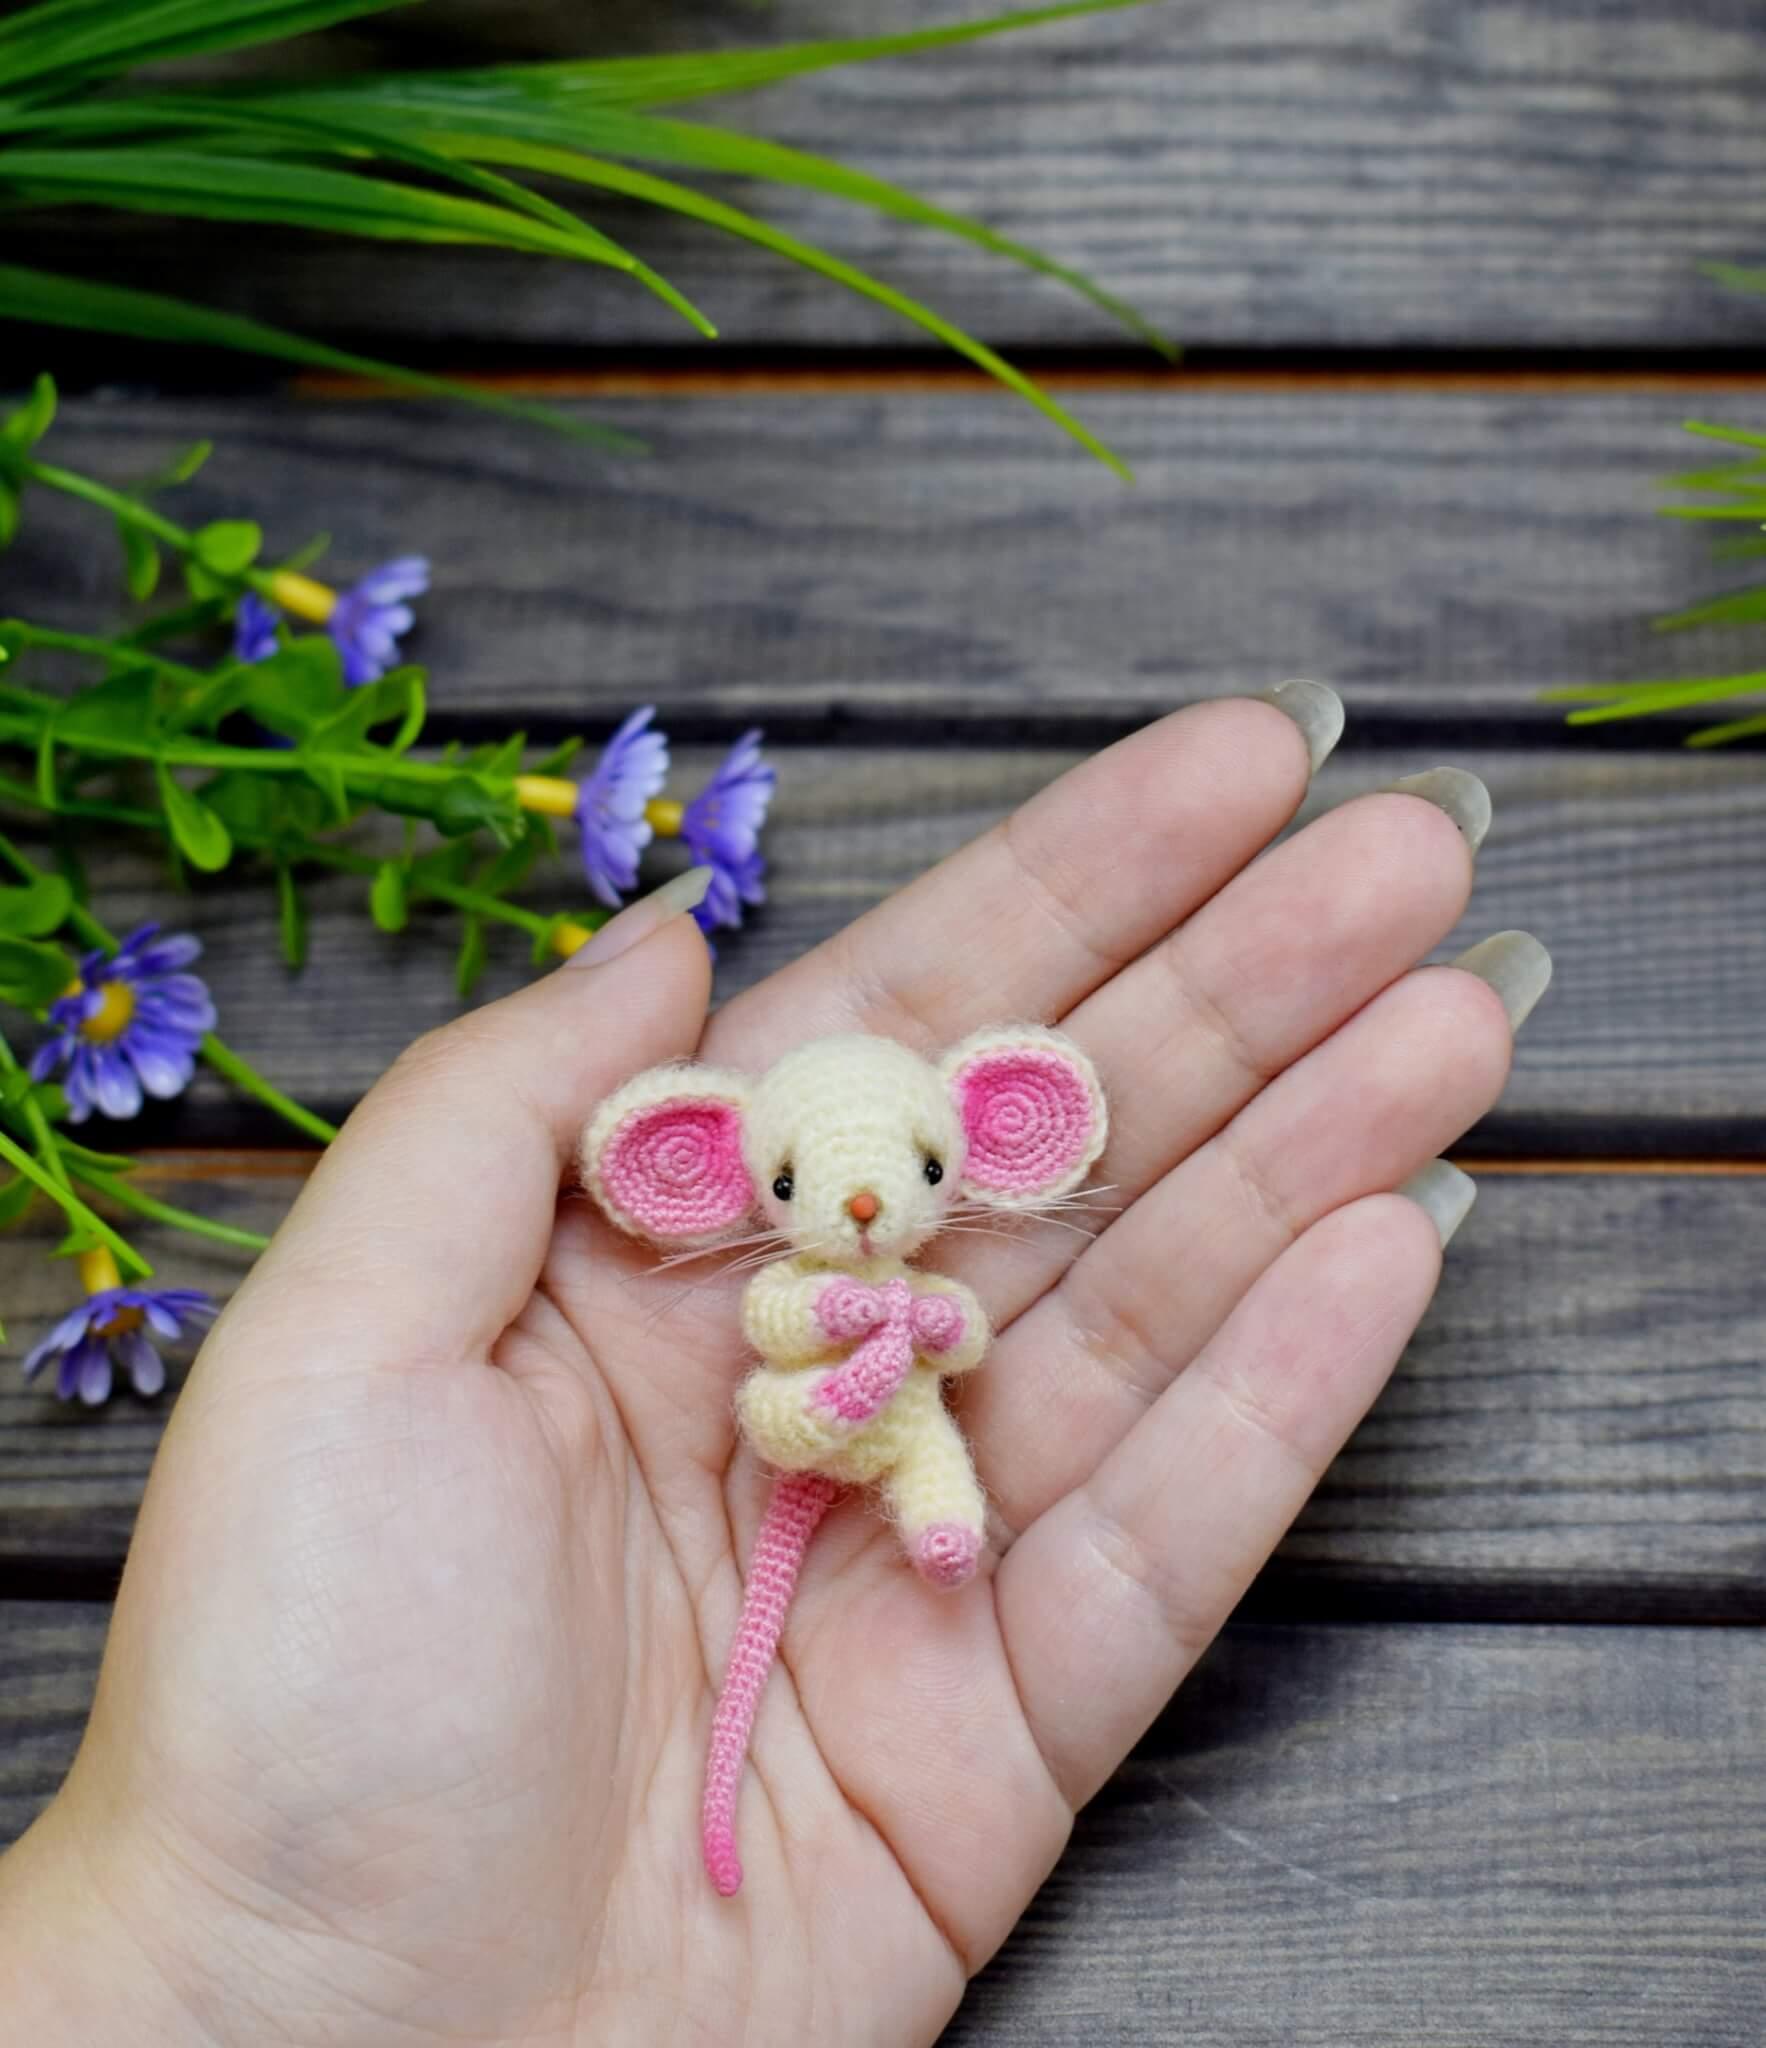 7 вариантов крысок и мышек вязаных крючком